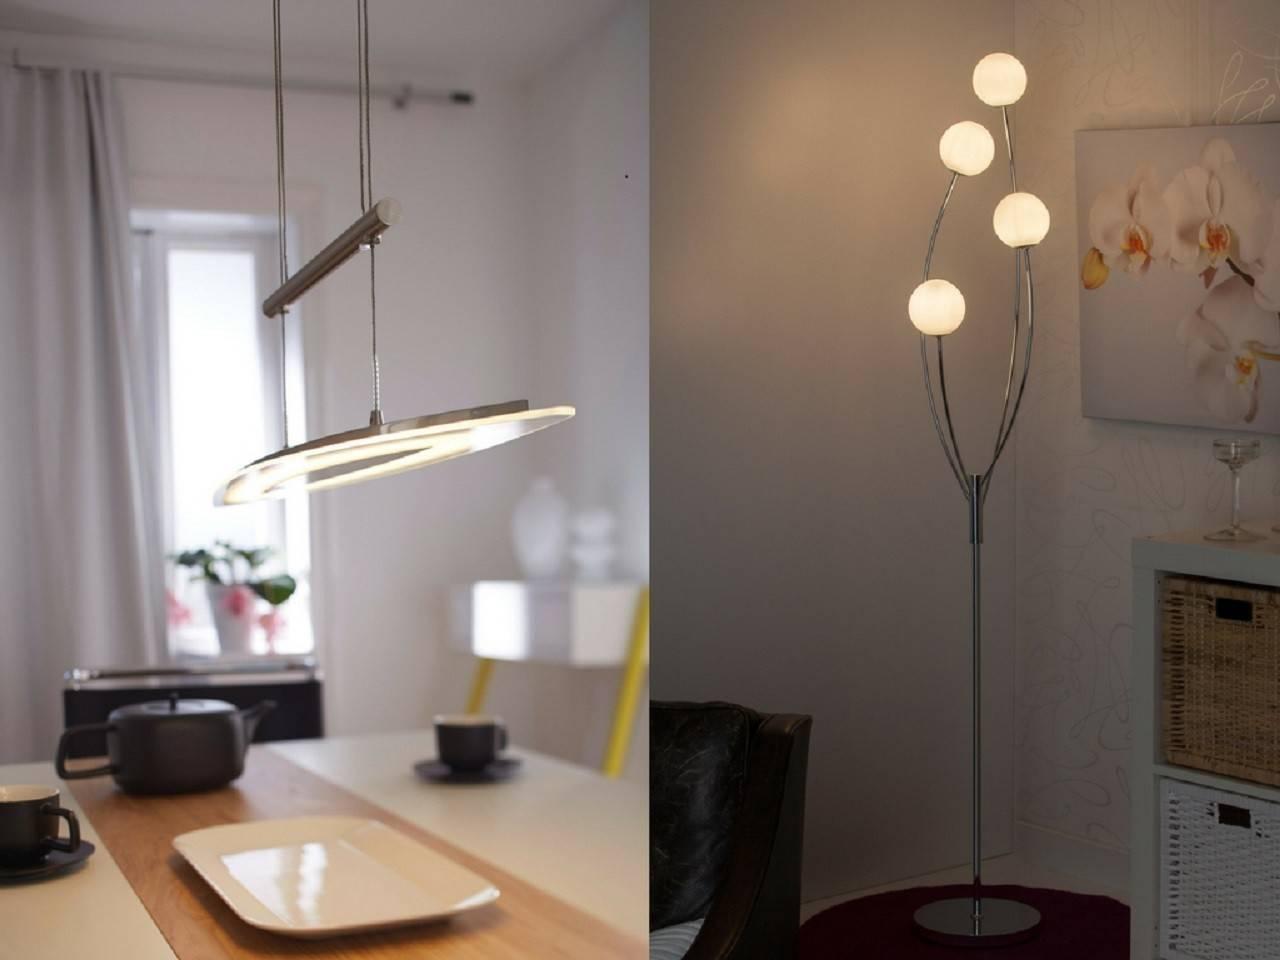 Ruban LED pour illuminer l'intérieur et de l'extérieur de sa maison